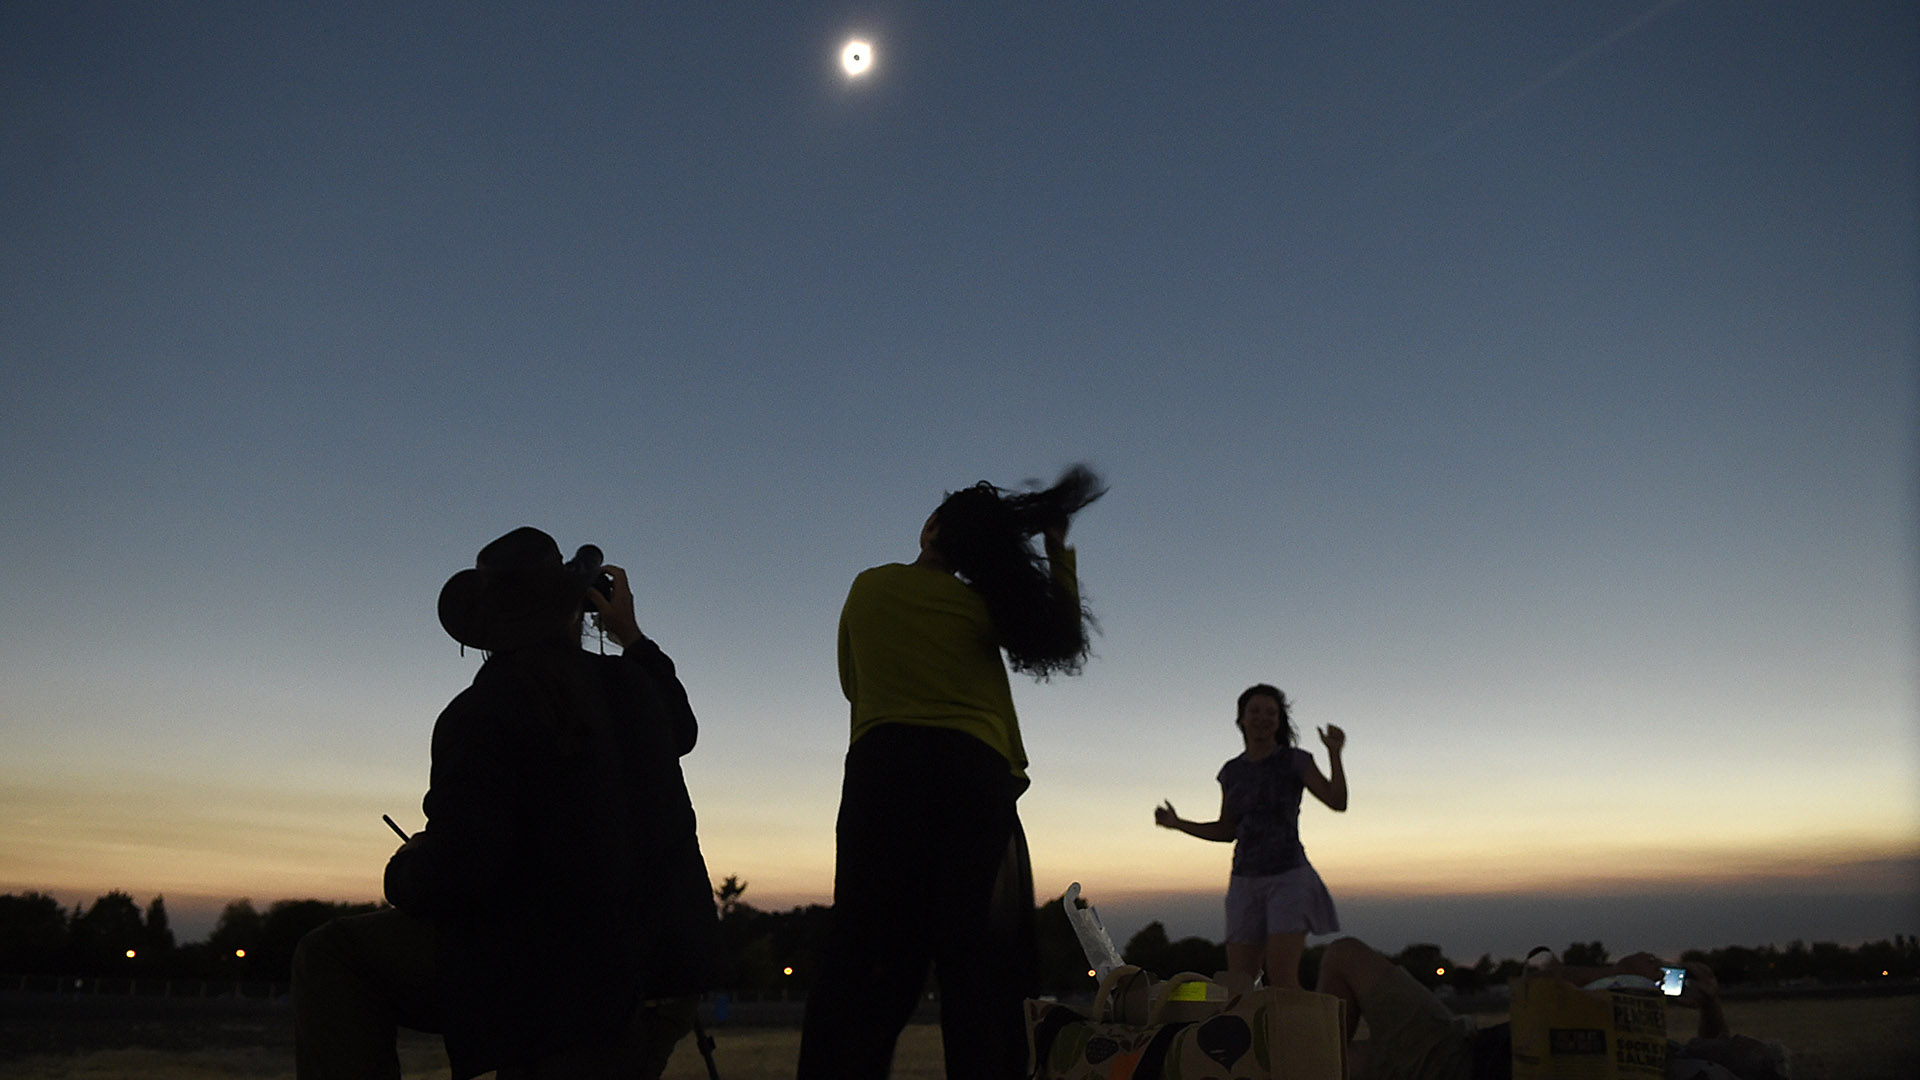 """Miles de estadounidenses se prepararon para ver el denominado """"El gran eclipse americano"""", ya que hace 99 años que ese país no era testigo de un evento astronómico de esa magnitud"""